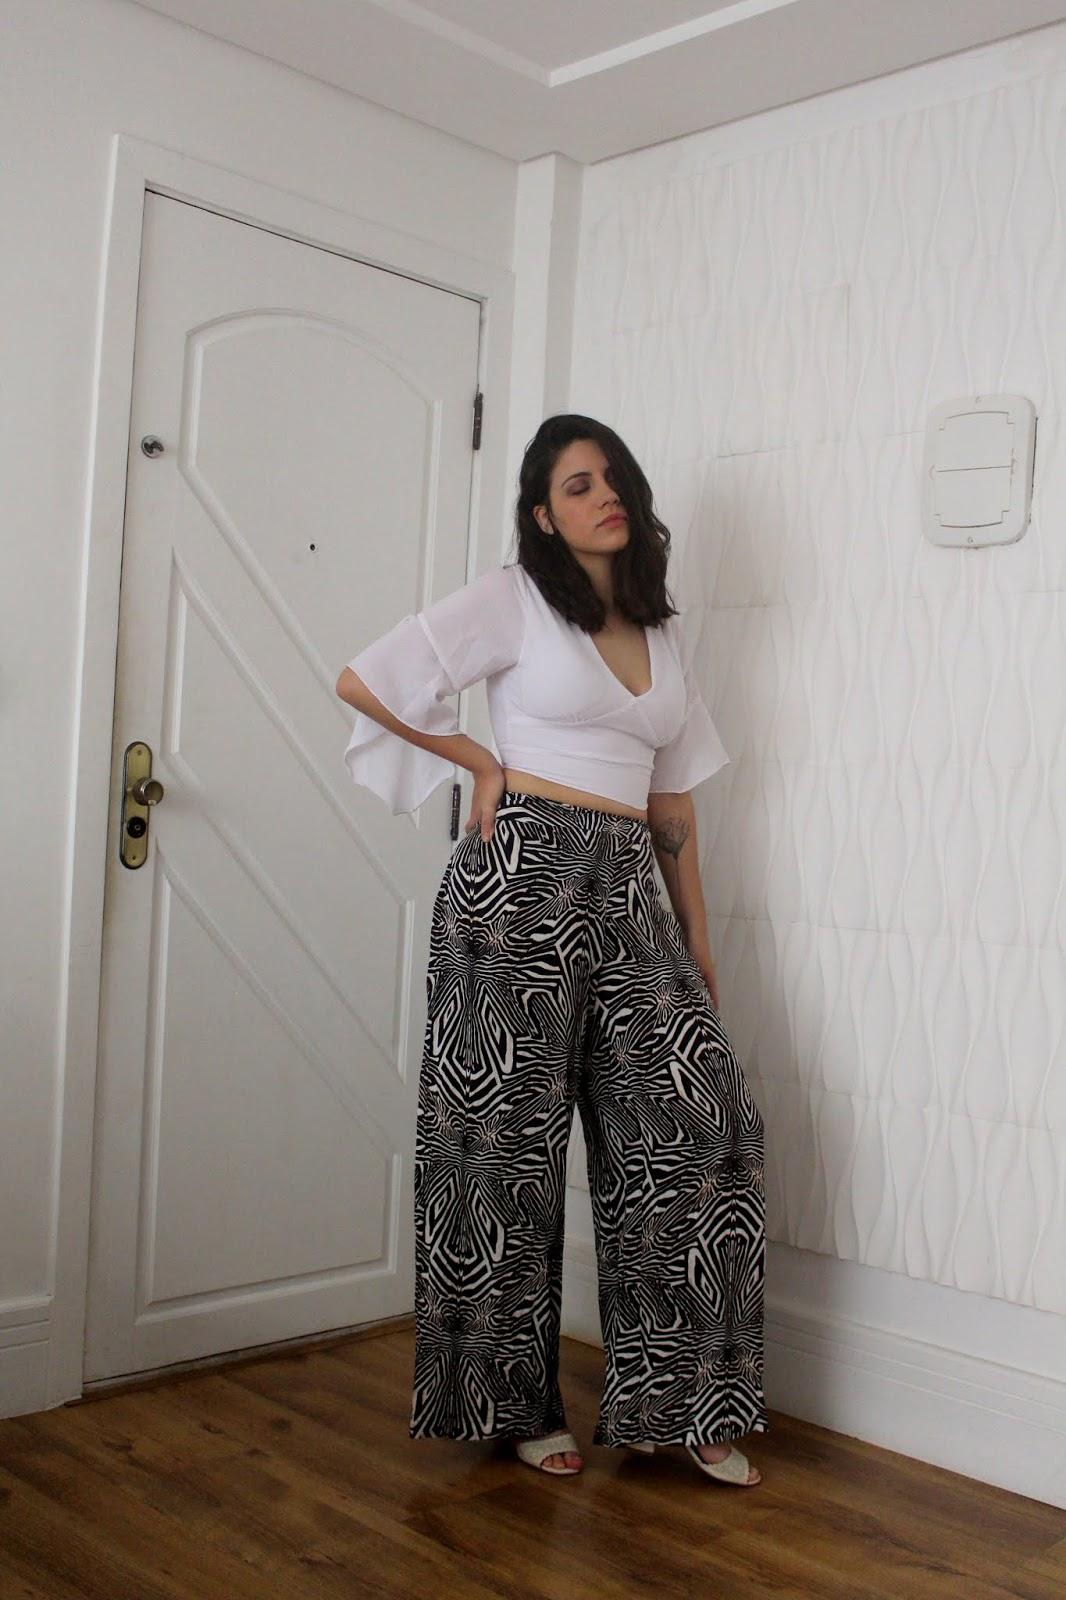 1peça3looks Pantalona animal print anadodia ana do dia como montar varios looks com uma peça